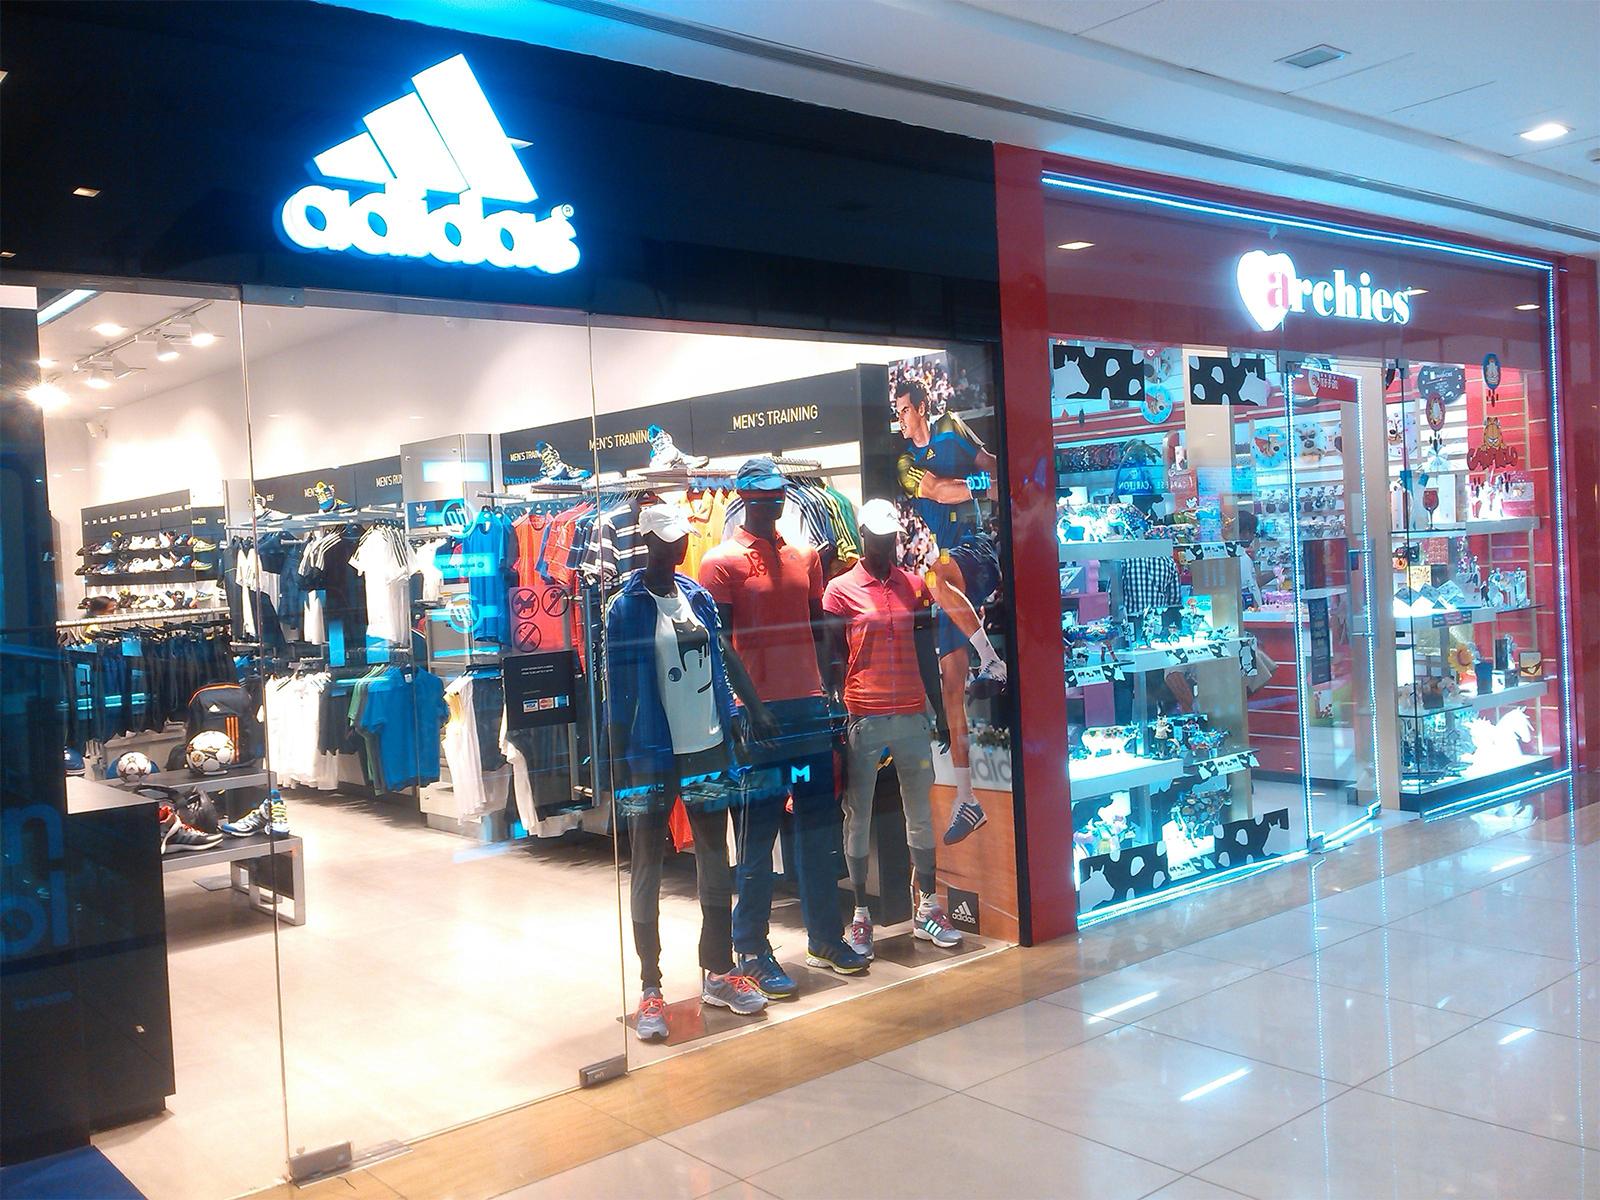 1035661bf من أشهر الماركات العالمية الرياضية تحتوي أحدث تشكيلة من الإكسسوار، الملابس  والأحذية الرياضية للرجال، النساء والأطفال في الرياض، هي شركة ملابس رياضية  مقرها ...